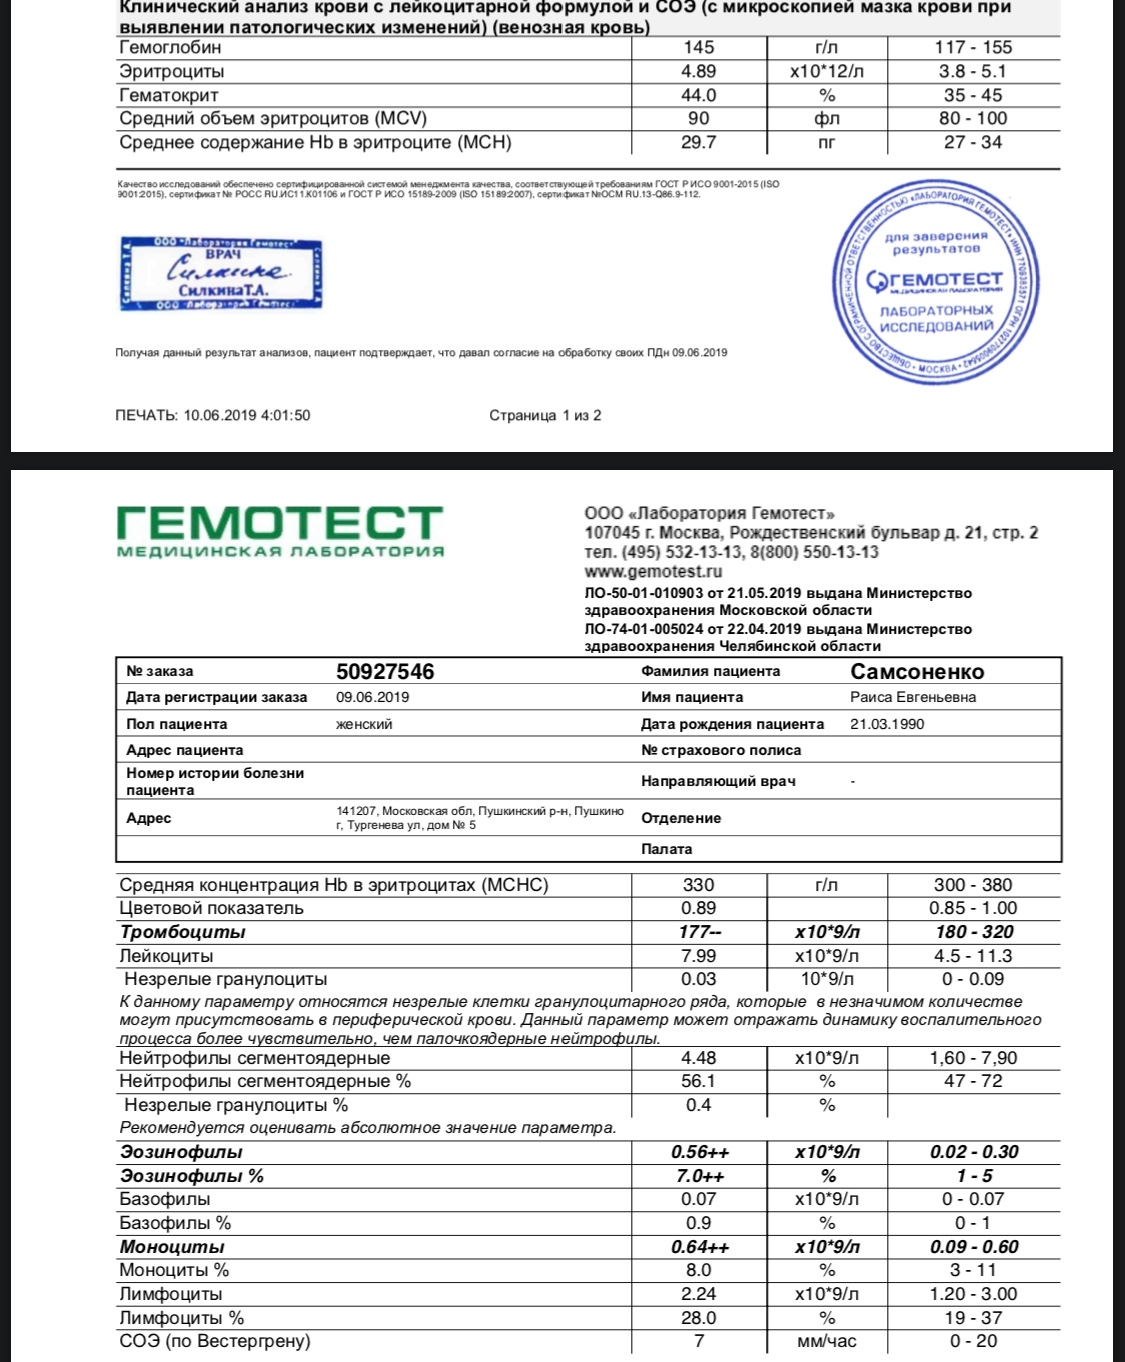 Клинической формула анализа крови крови в гемоглобин норма анализе